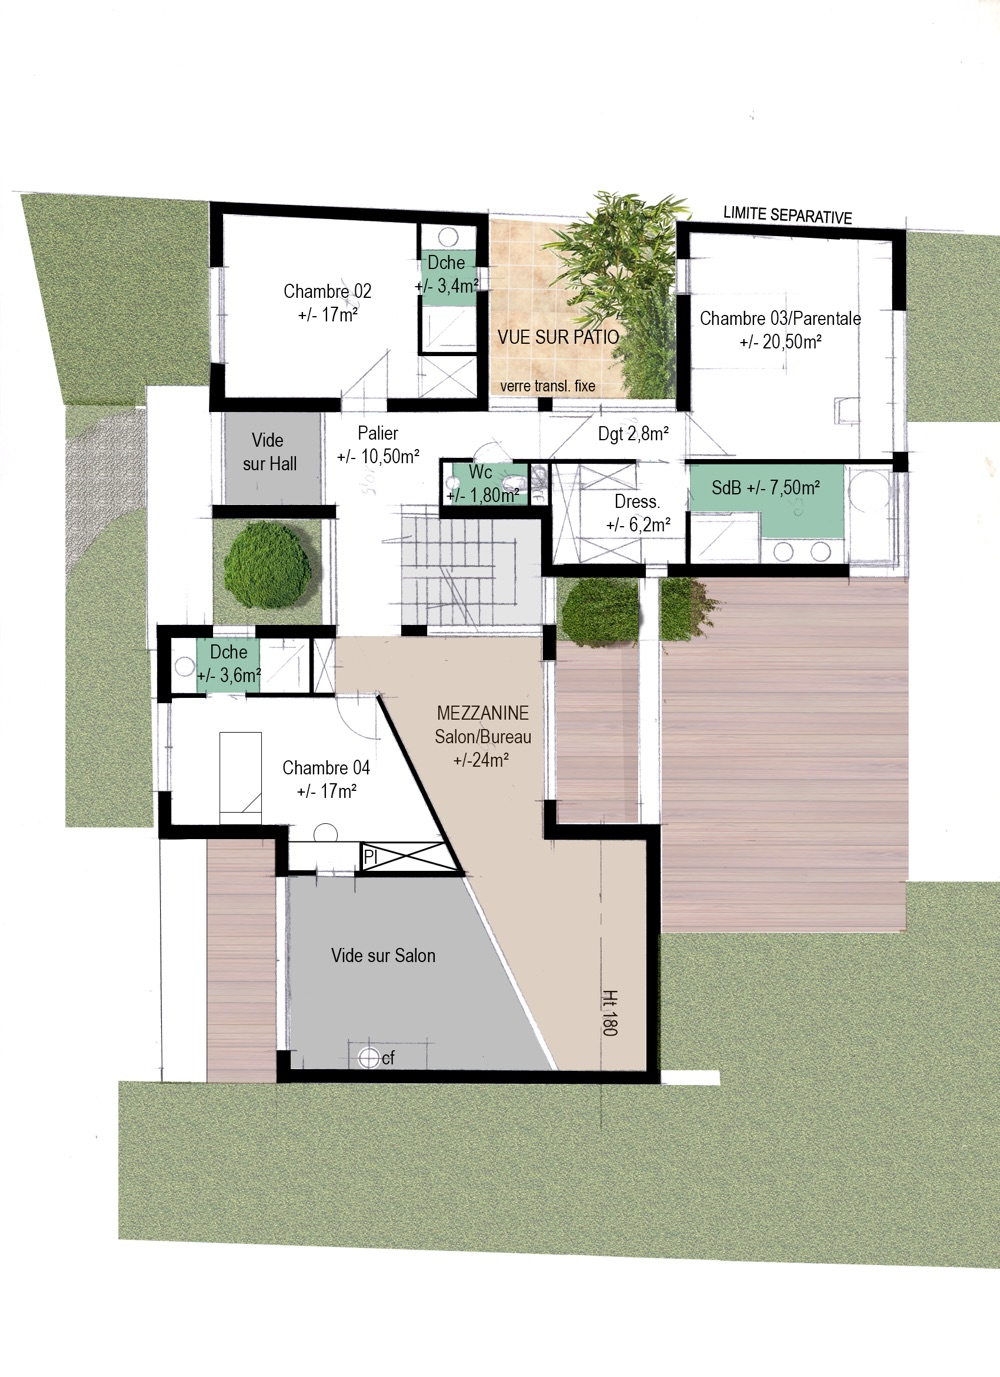 Plan des étages d'une maison individuelle par l'équipe d'architecte Methods Studio Architecteurs